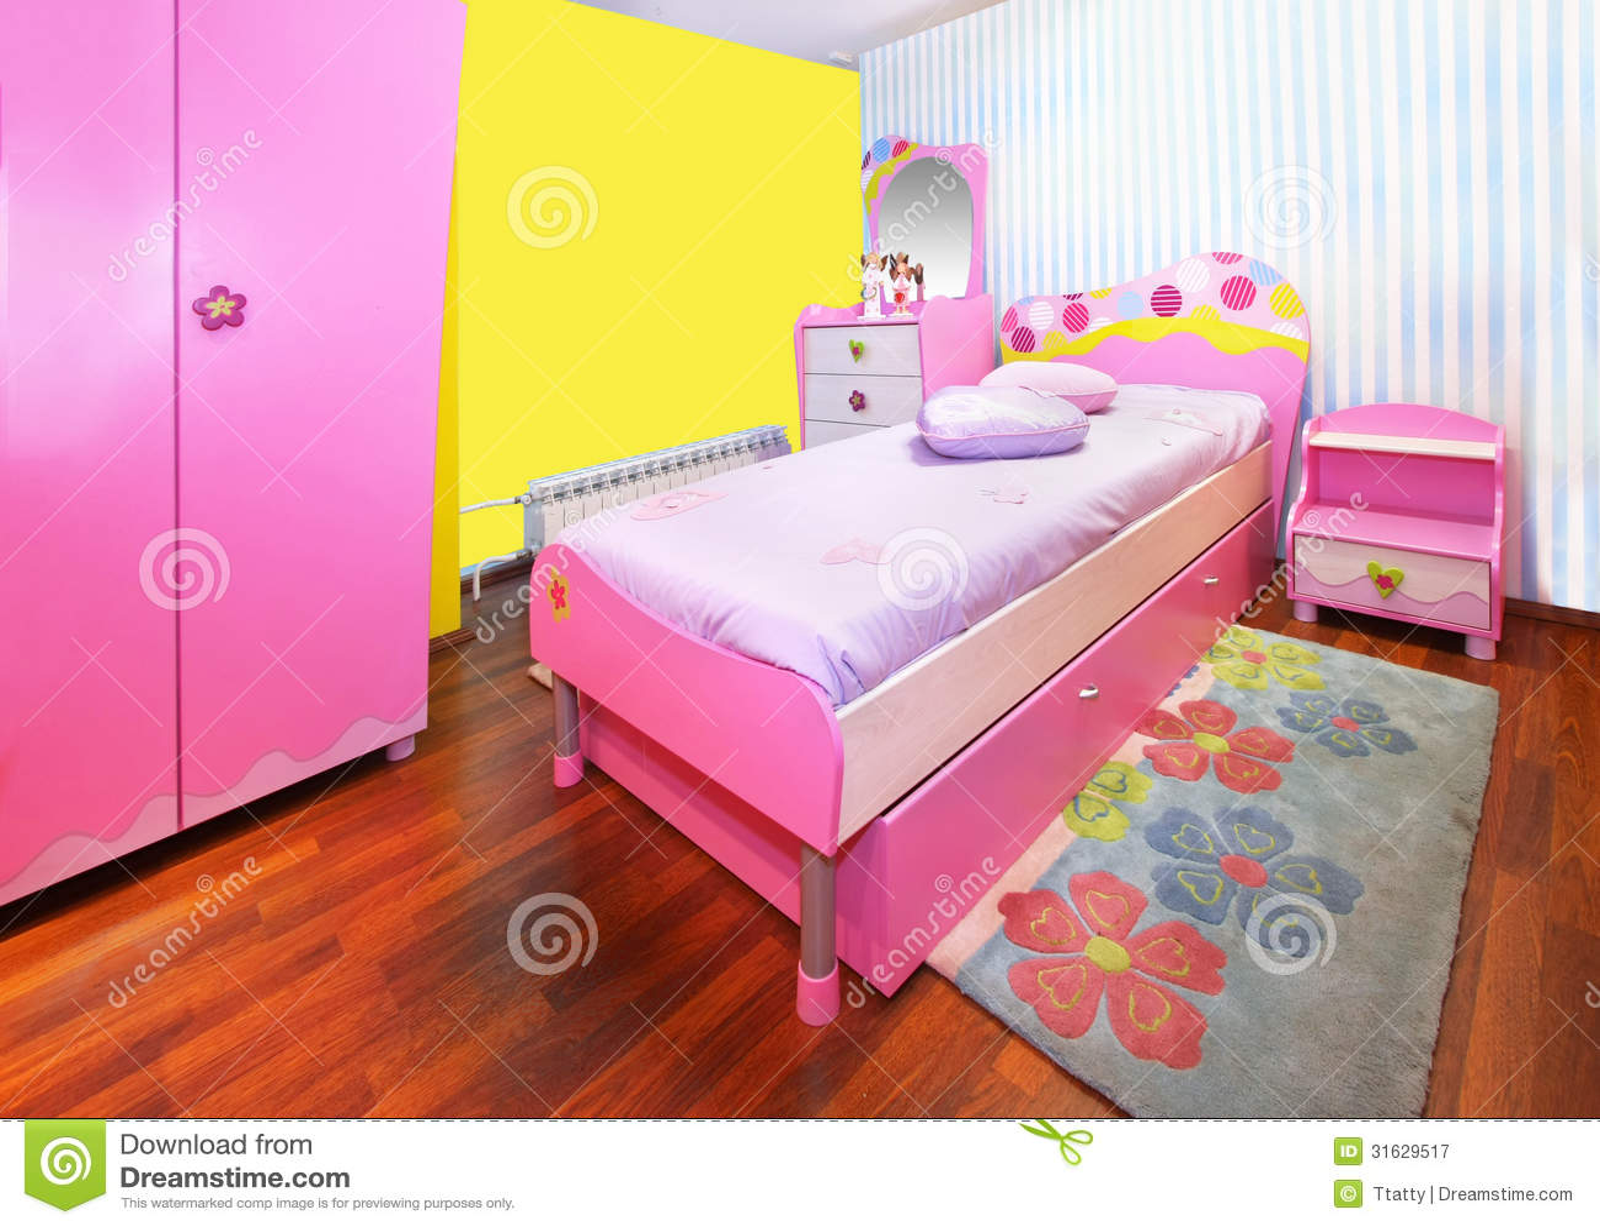 Chambre A Coucher Moderne Pour Fille : Chambre à coucher rose de fille image stock du